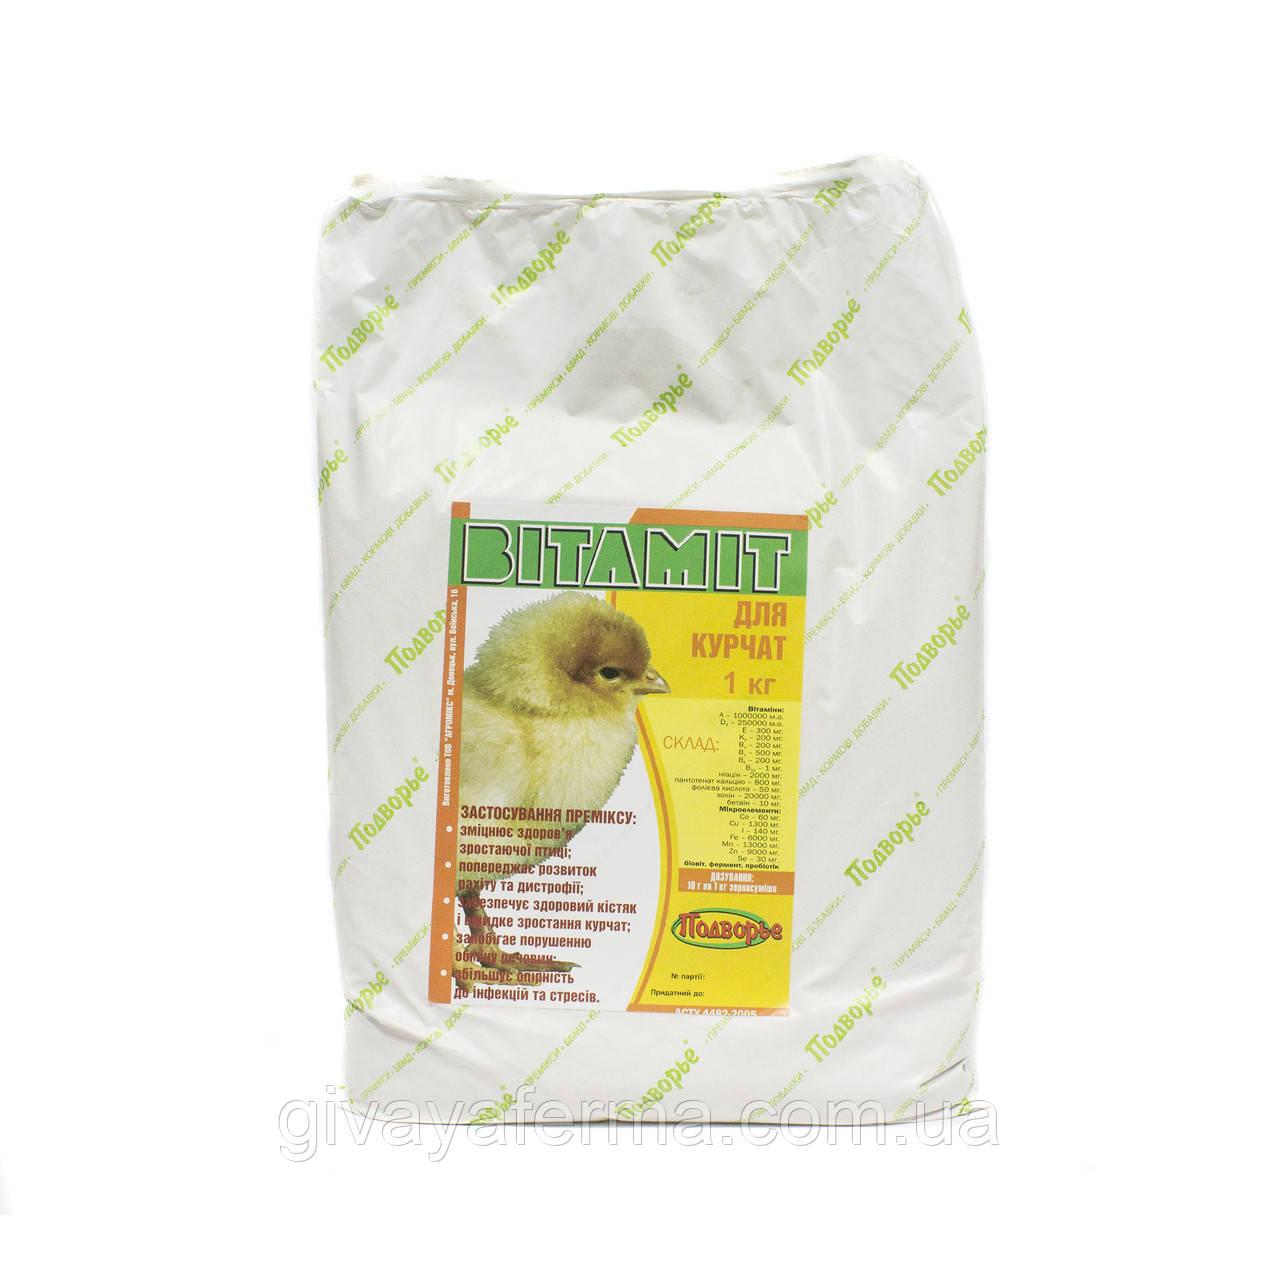 Витаминный премикс Витамит - цыпленок 1%, 1 кг, витаминно-минеральная кормовая добавка